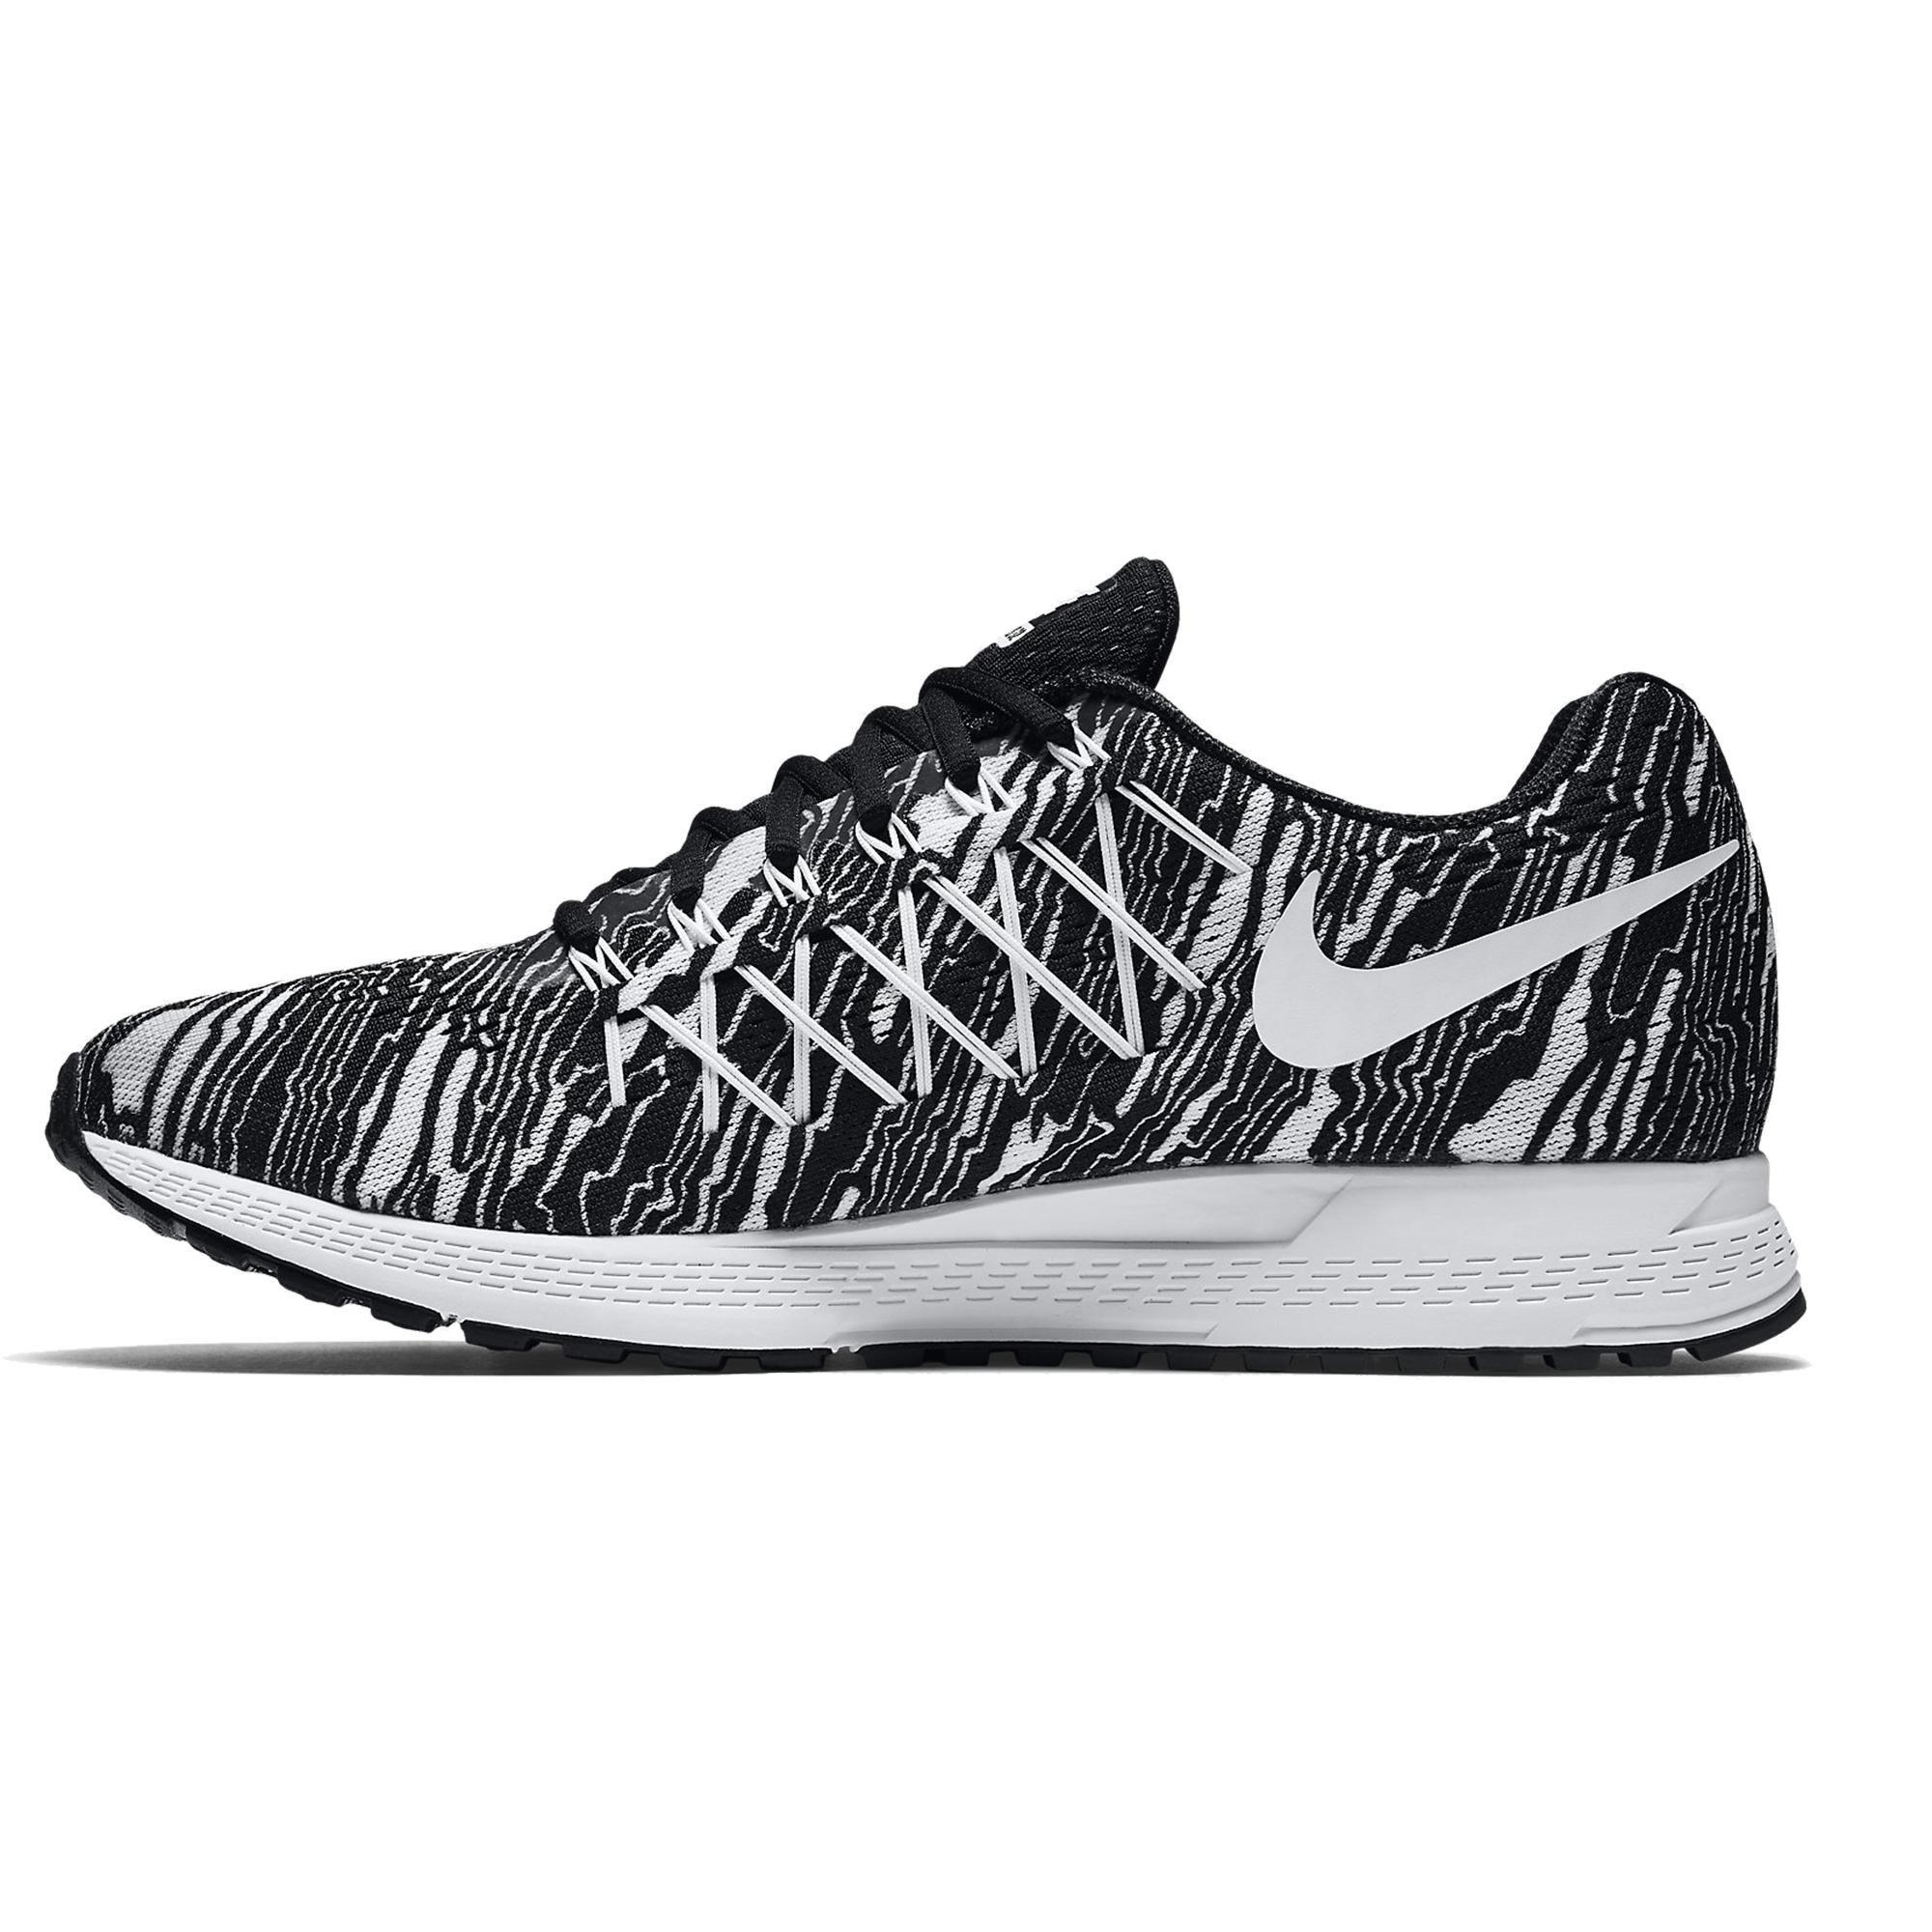 Nike Air Erkek Zoom Pegasus 32 Print Erkek Air Spor Ayakkabı 806805 001 1a0141